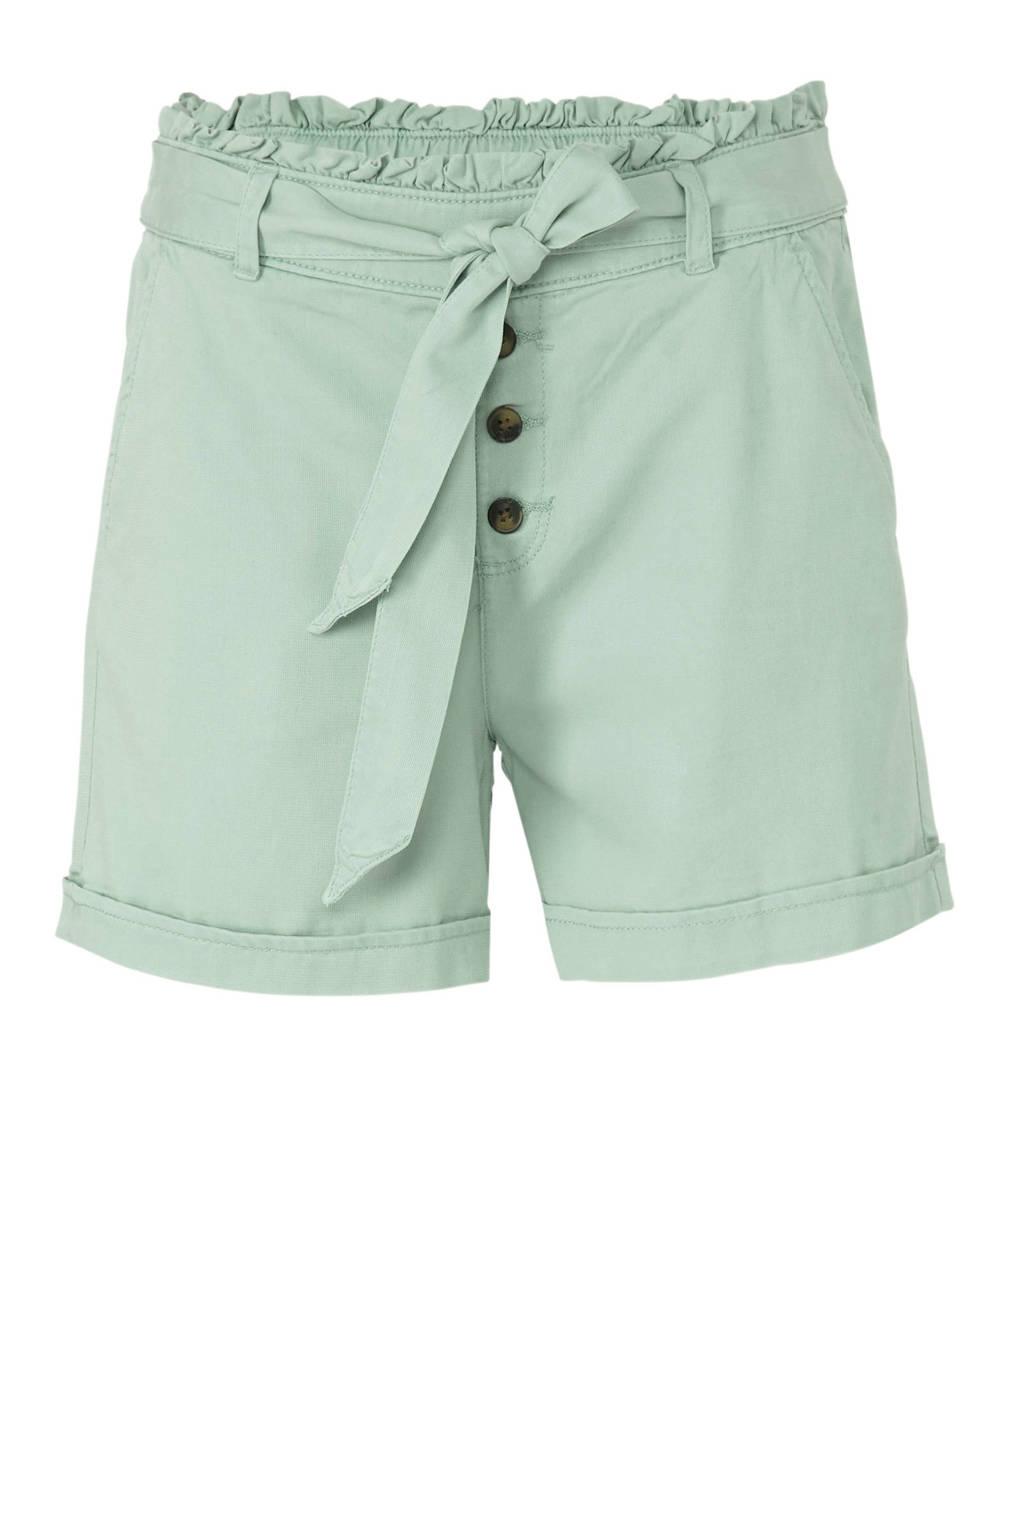 C&A Yessica high waist loose fit short mintgroen, Mintgroen